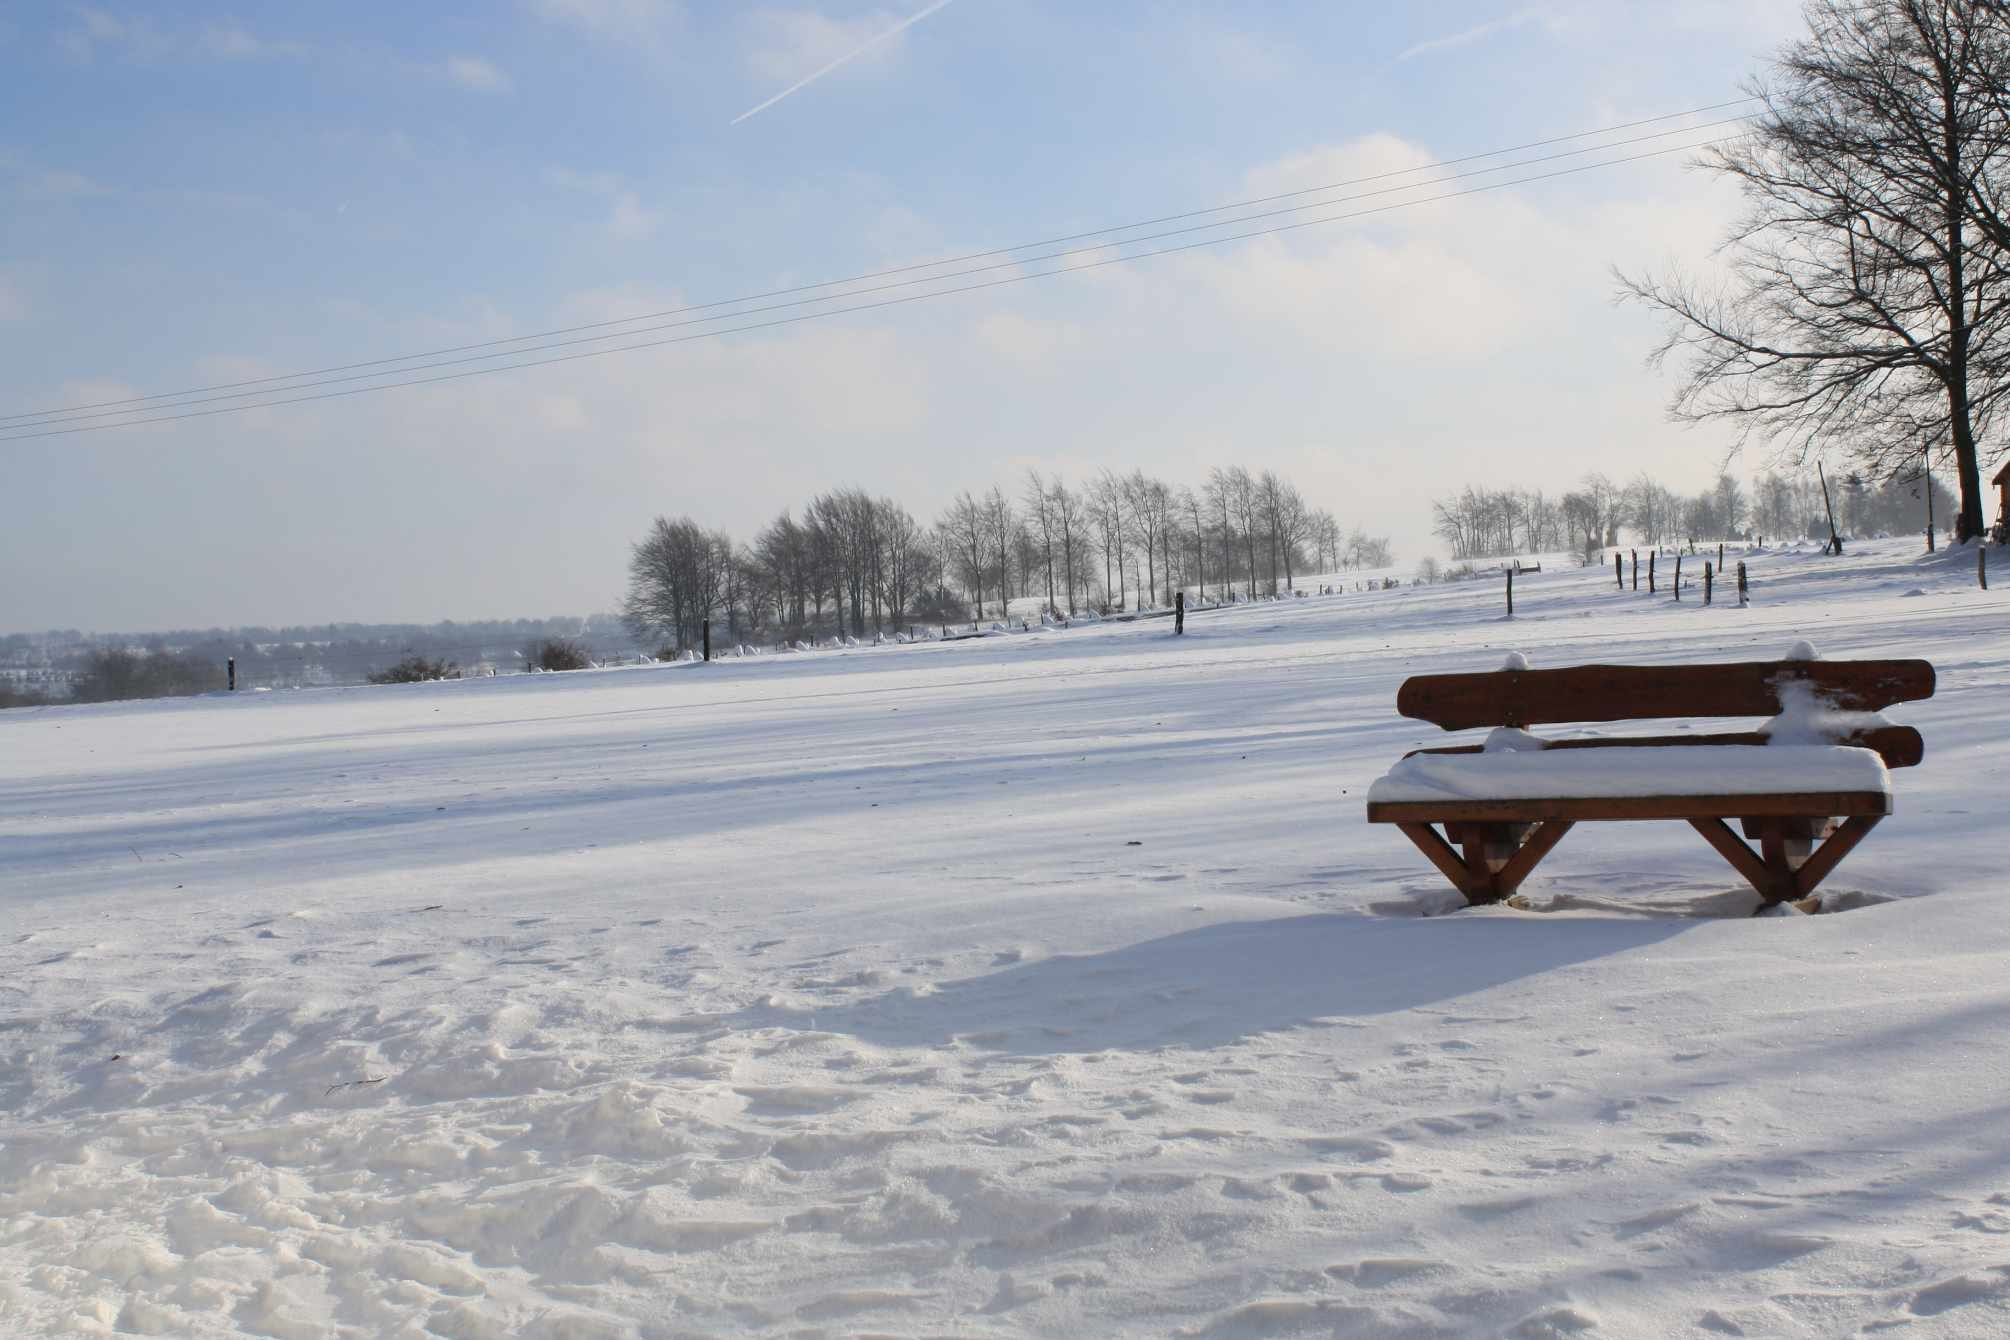 Schnee in Paustenbach (Eifel). Eine Bank in Schnee.